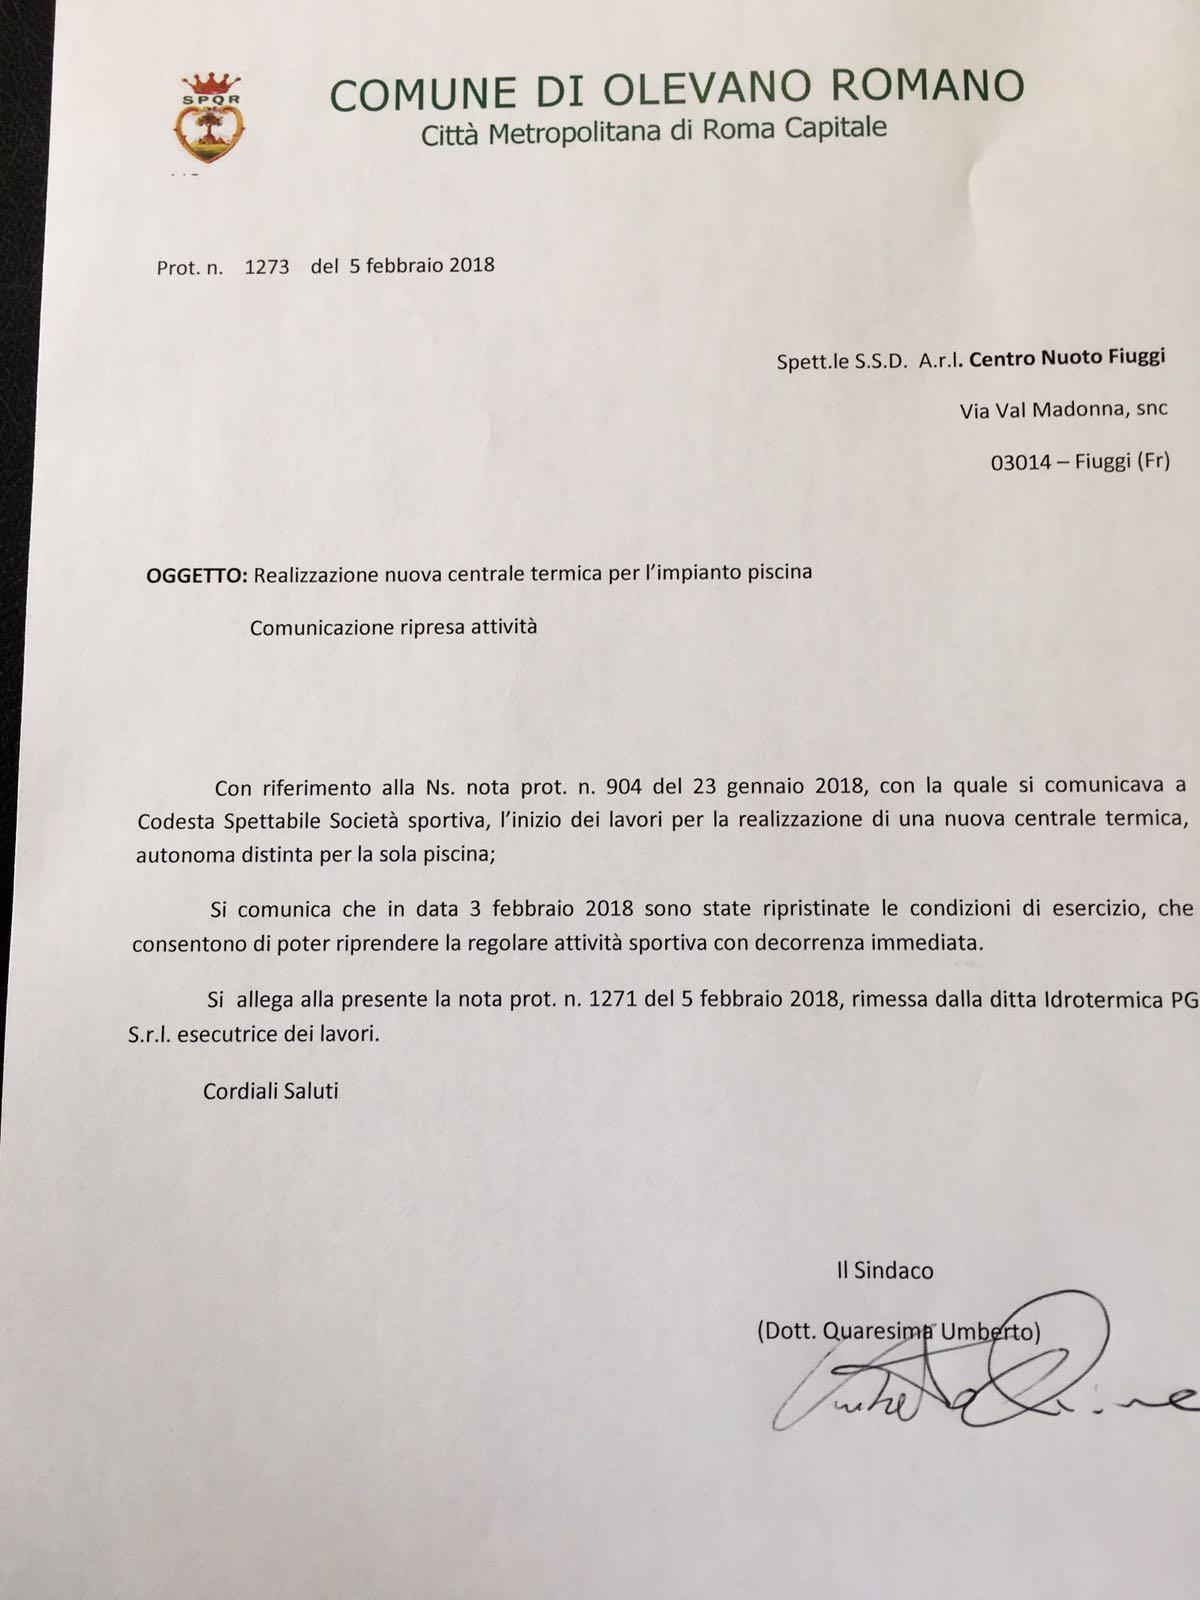 https://www.comune.olevanoromano.rm.it/immagini_news/public/allegato/92-IMG-20180205-WA0001.jpg